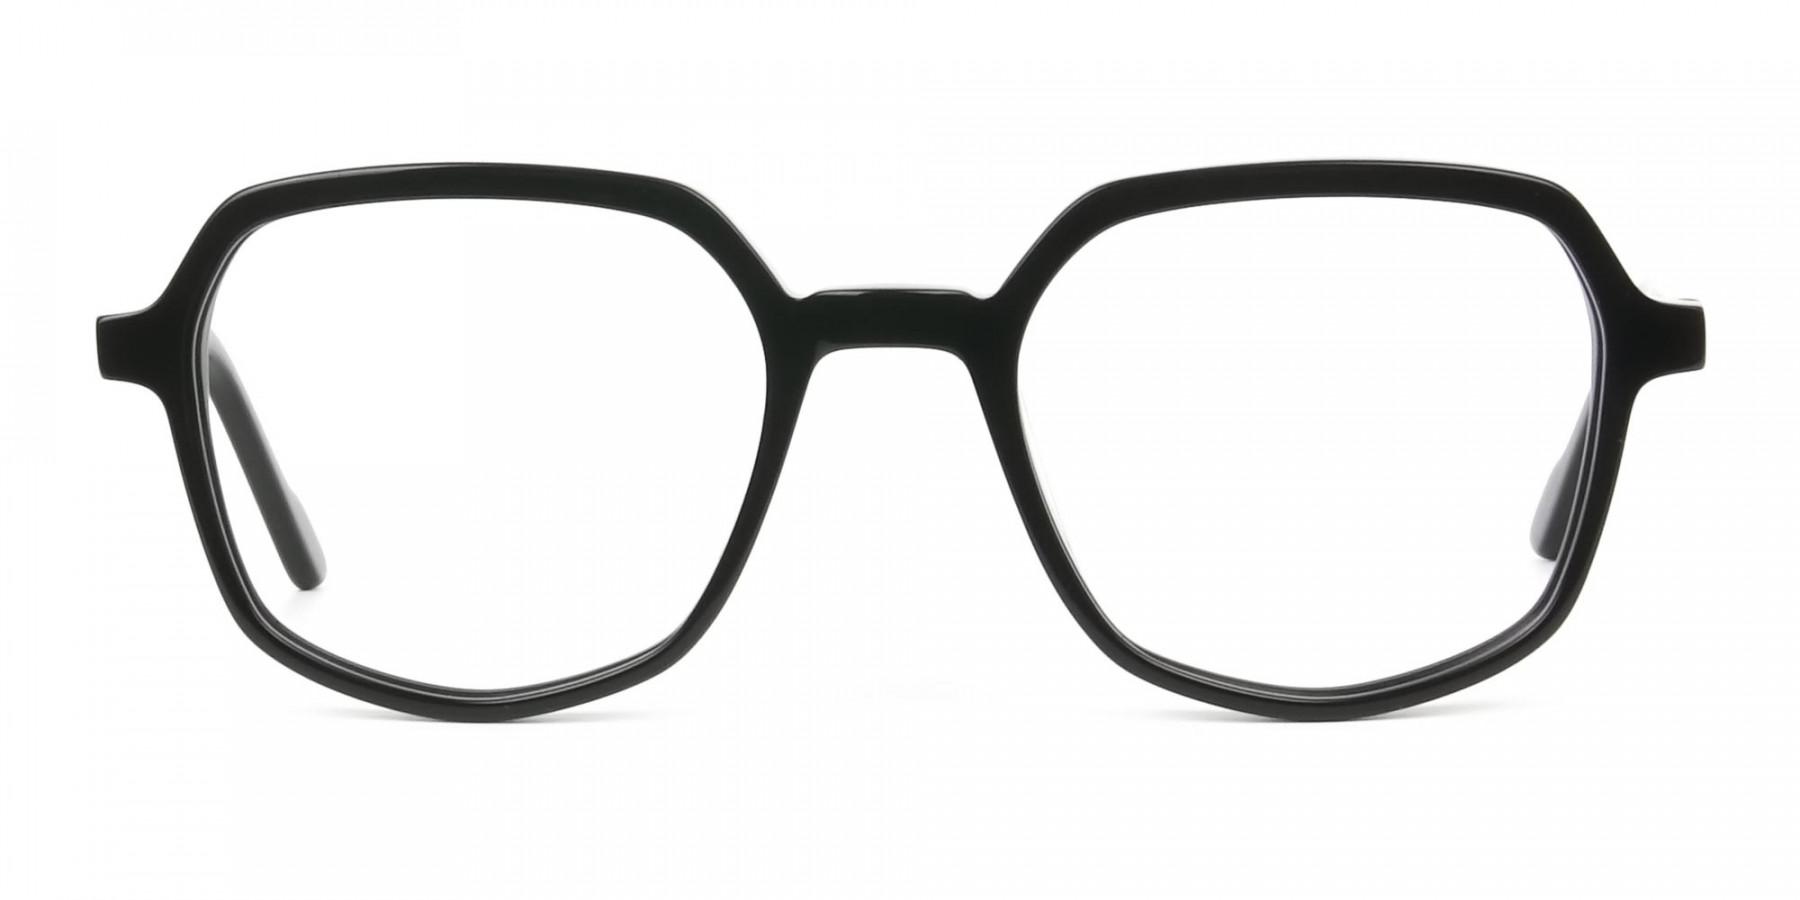 Geometric Frame Glasses in Black - 1